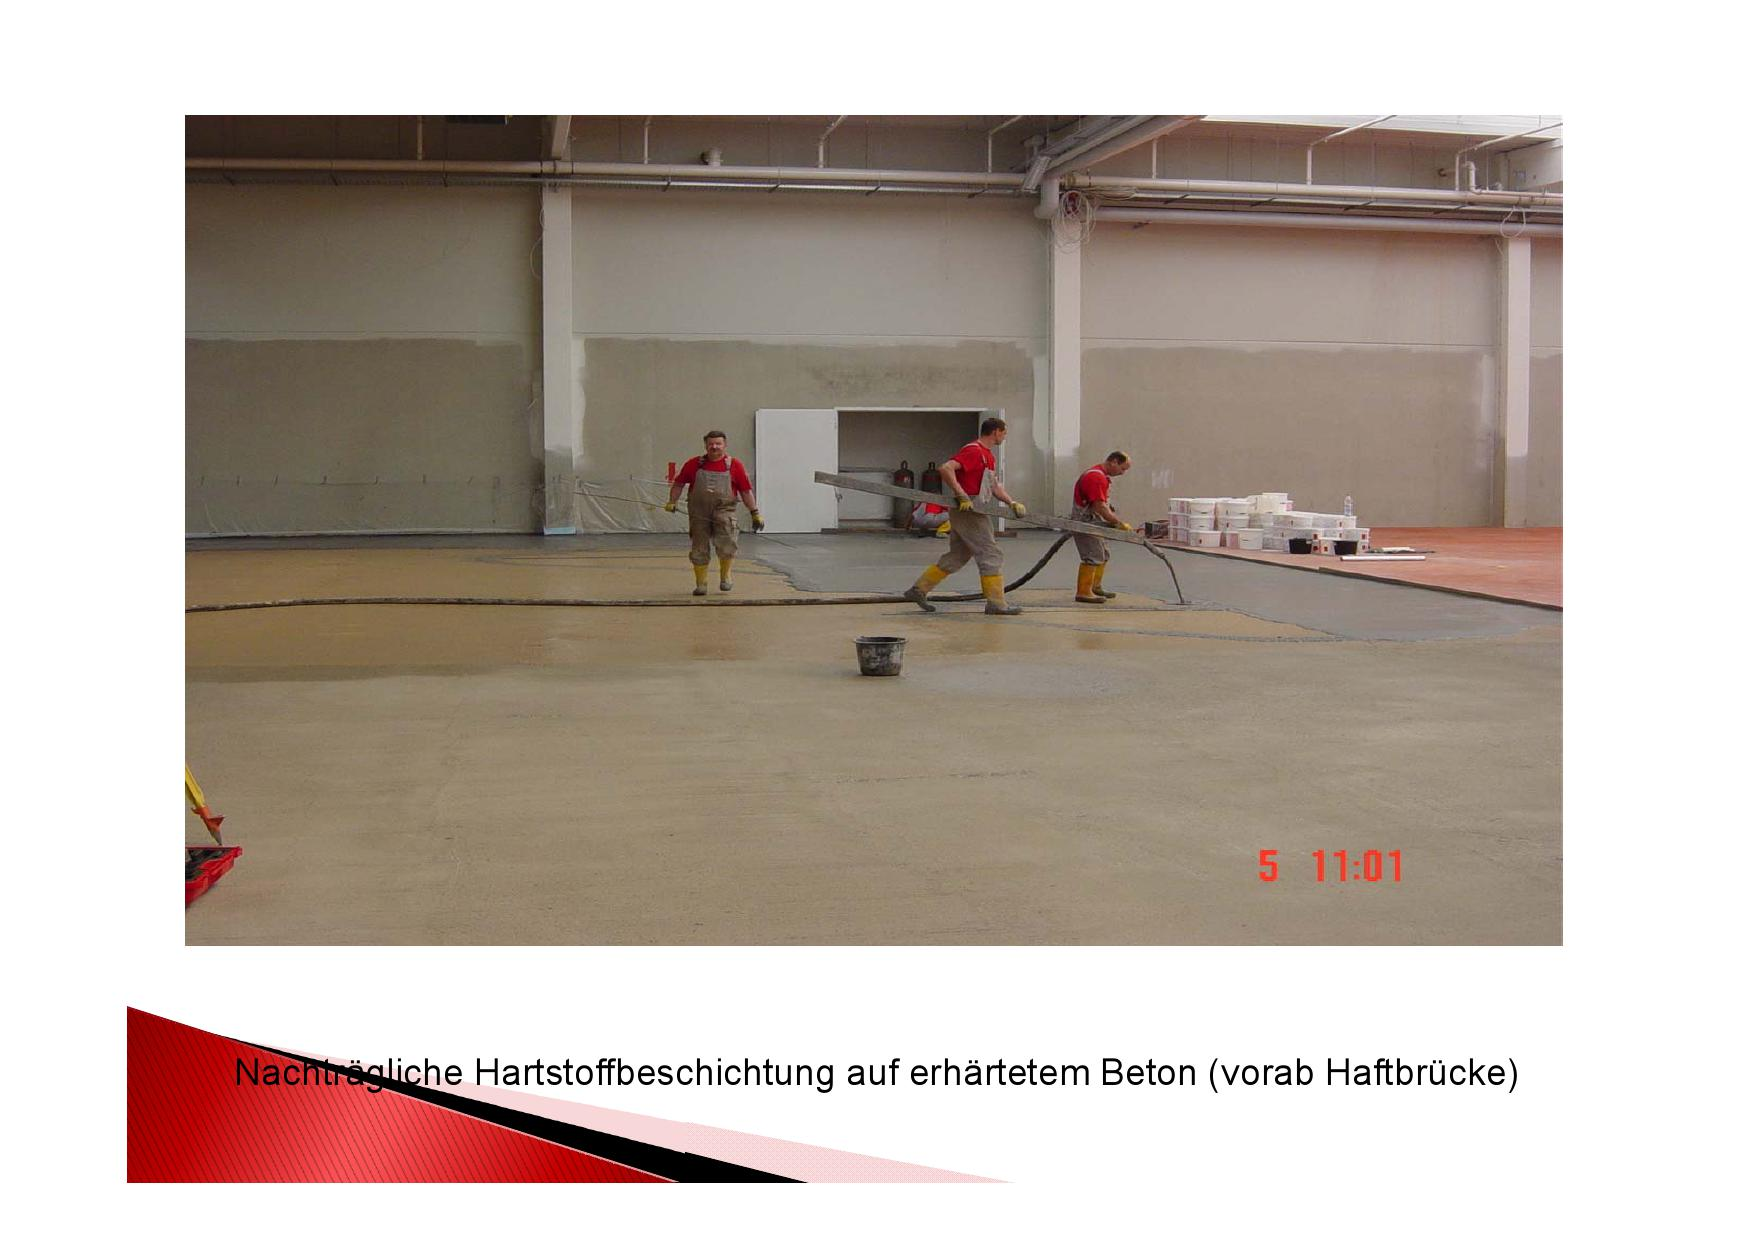 Arbeitsschritt: Nachträgliche Hartstoffbeschichtung auf erhärtetem Beton nach vorab aufgebrachter Haftbrücke